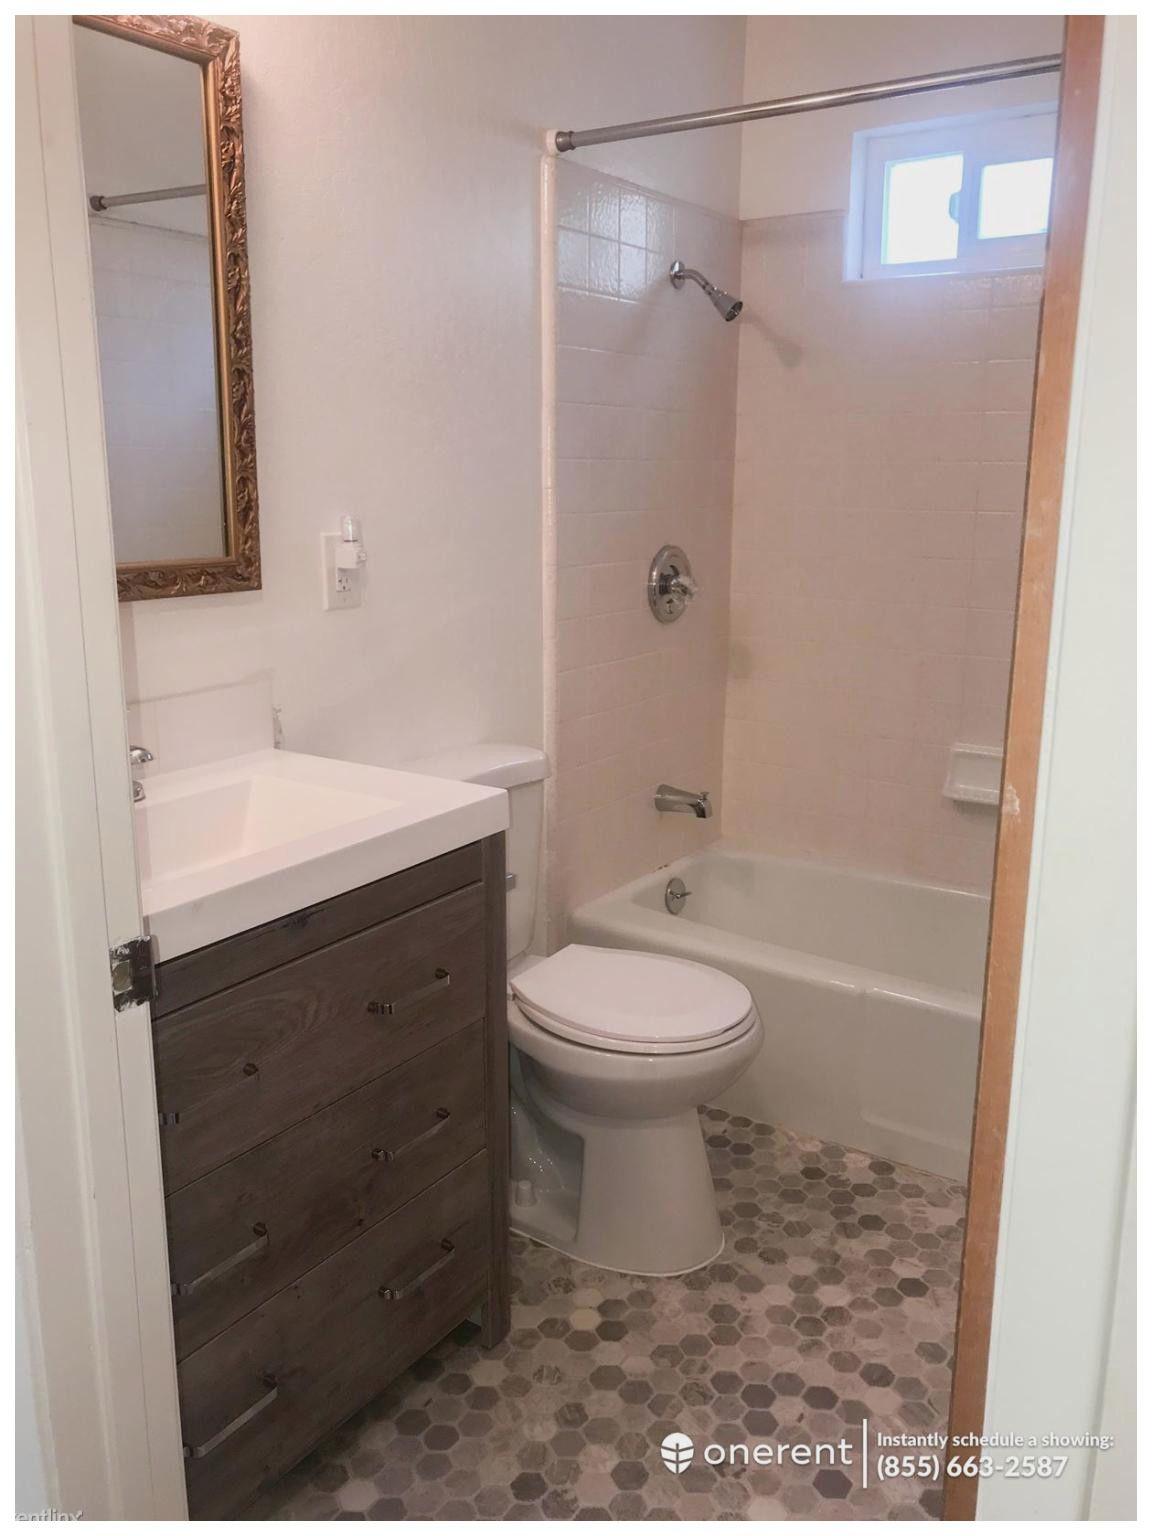 15 New Bathroom Vanities San Jose Gallery Custom Bathroom Vanity Unique Bathroom Vanity Bathroom Vanity